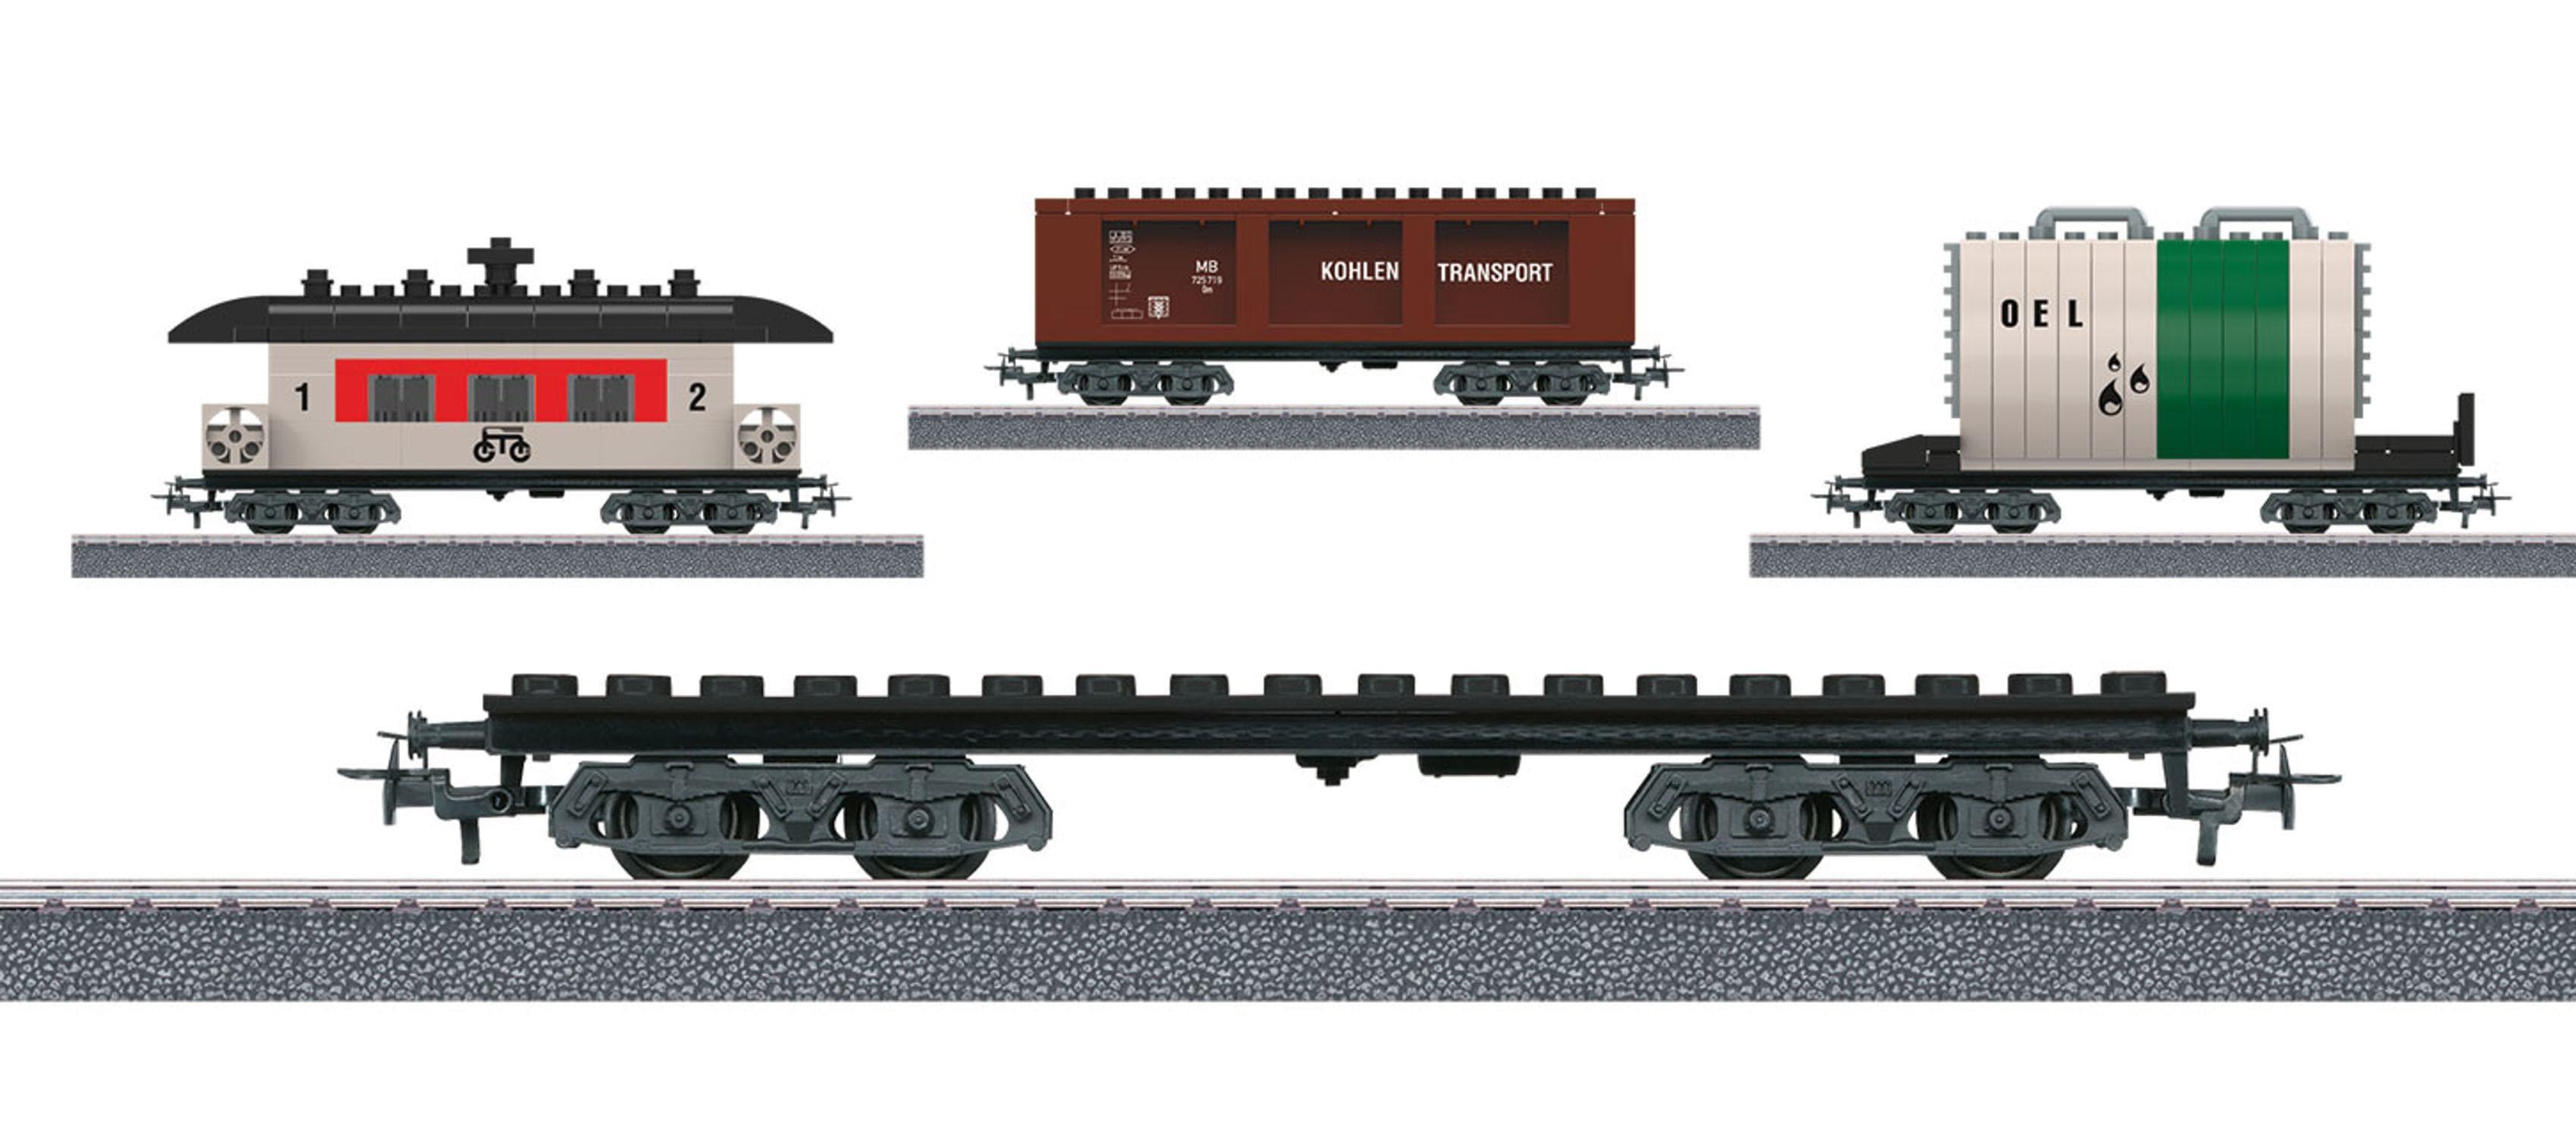 Märklin Güterwagen Märklin Start up - Bausteinwagen Set, Wechselstrom - 44736, Spur H0